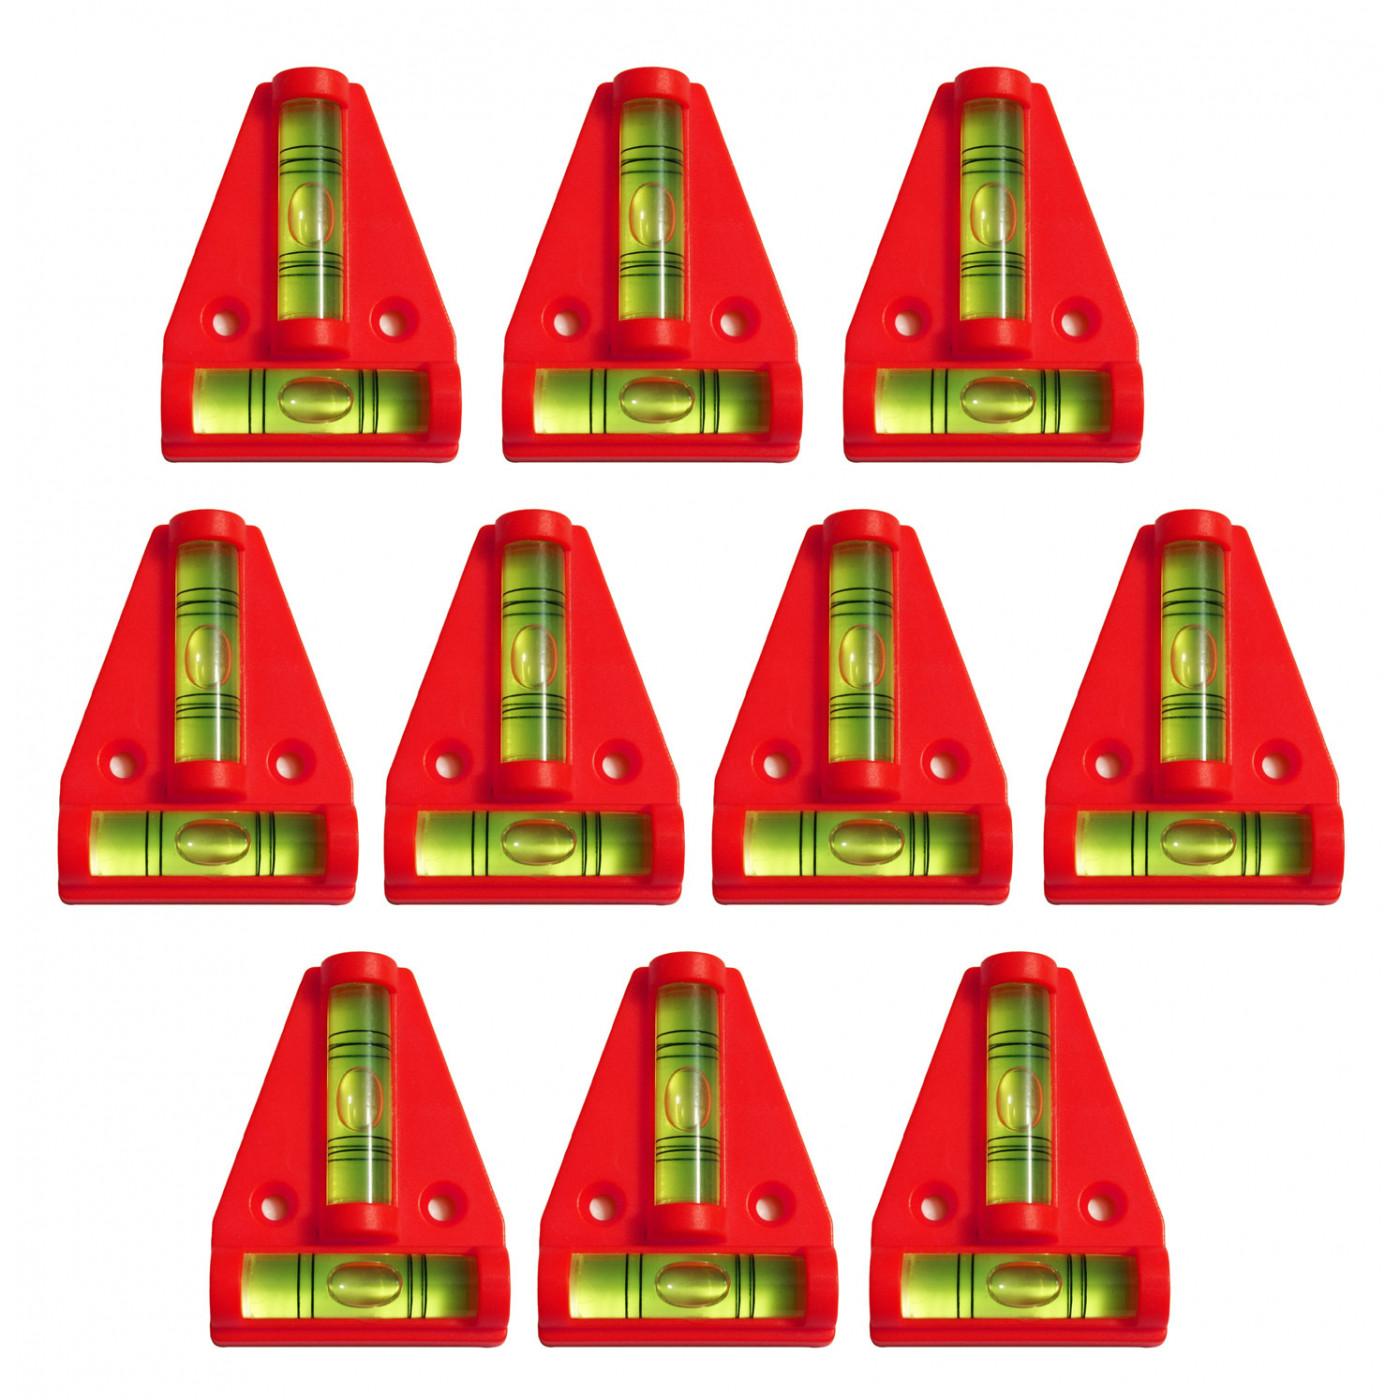 Set von 10 Wasserwaage mit Schraubenlöchern (rot)